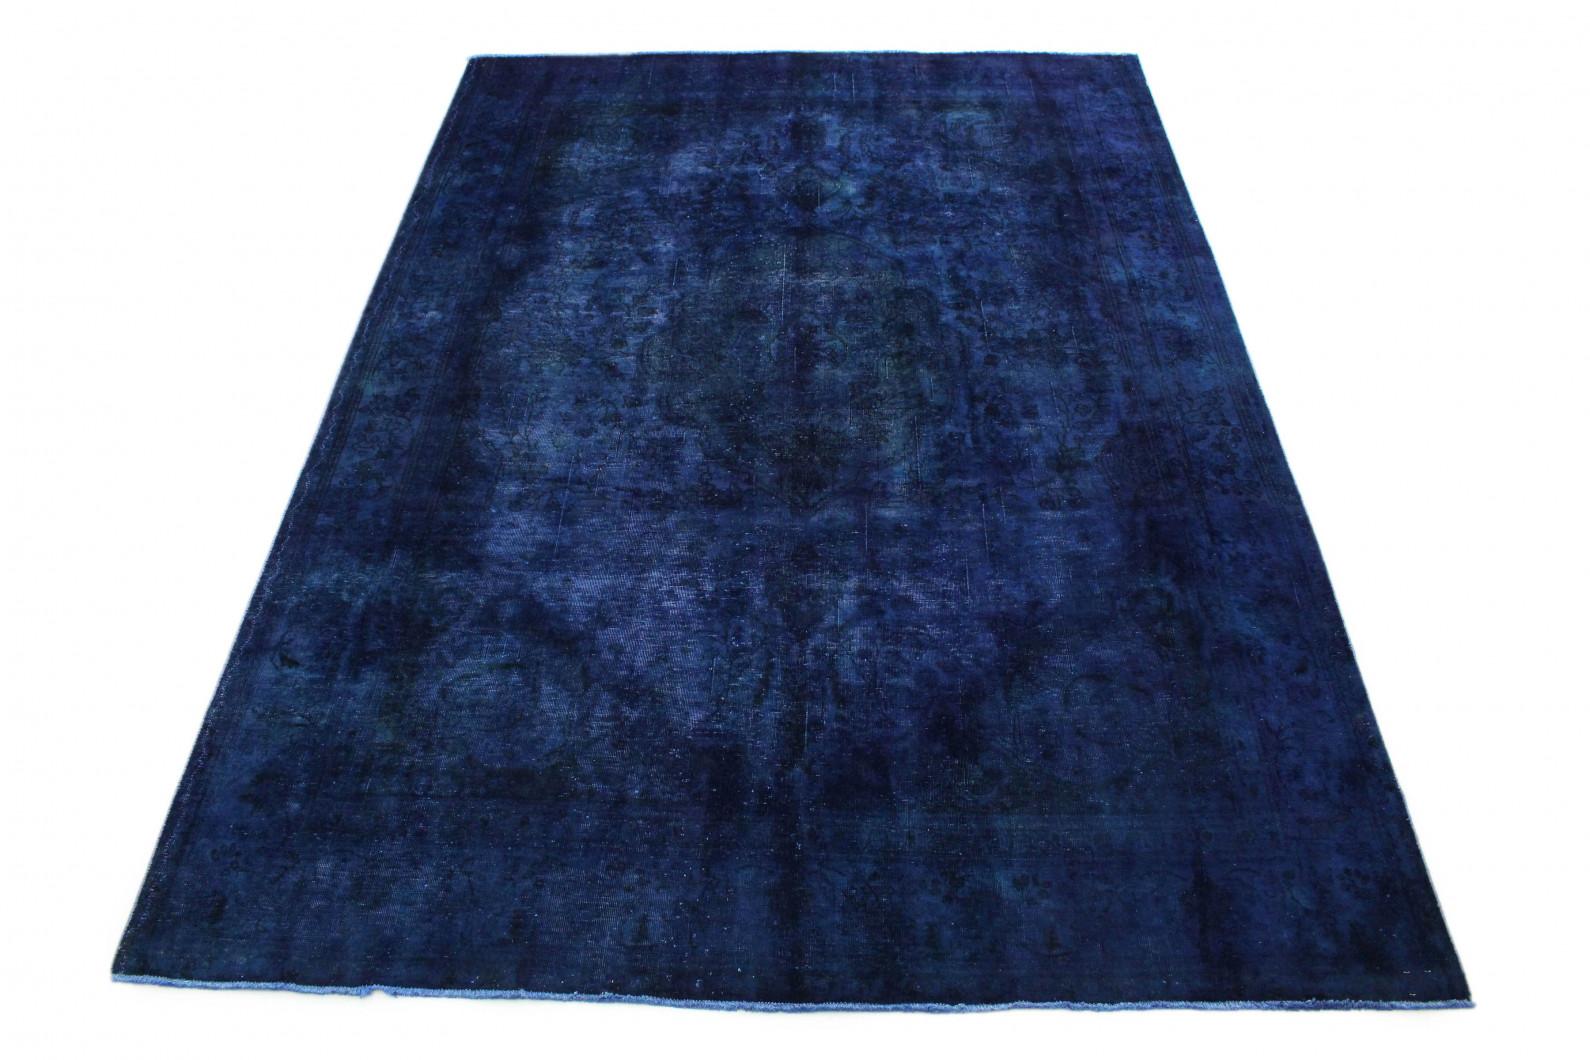 Vintage Teppich Blau Lila in 340x240 (1 / 5)